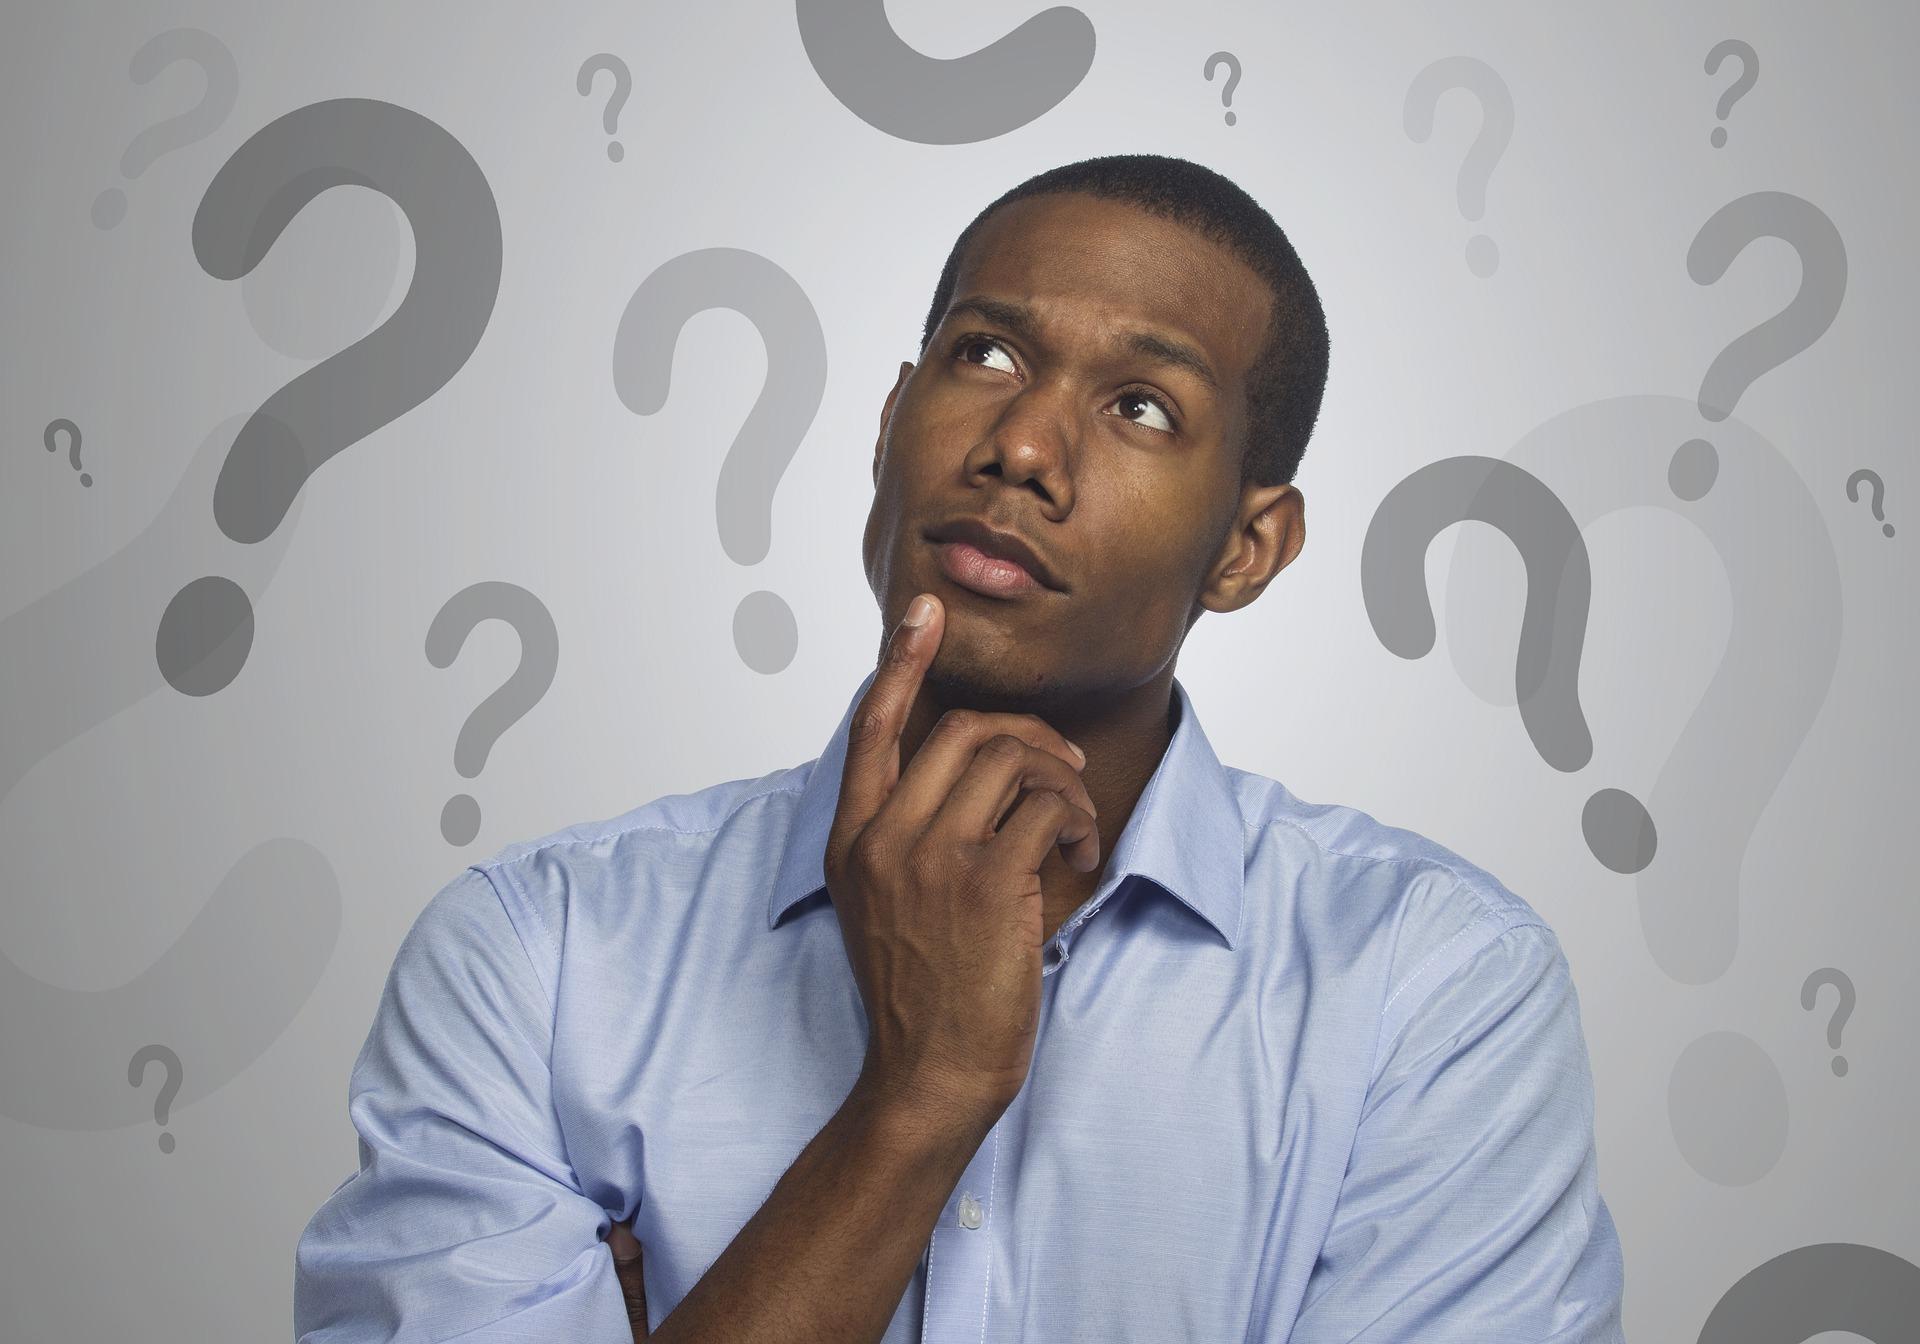 Tenant screening questions